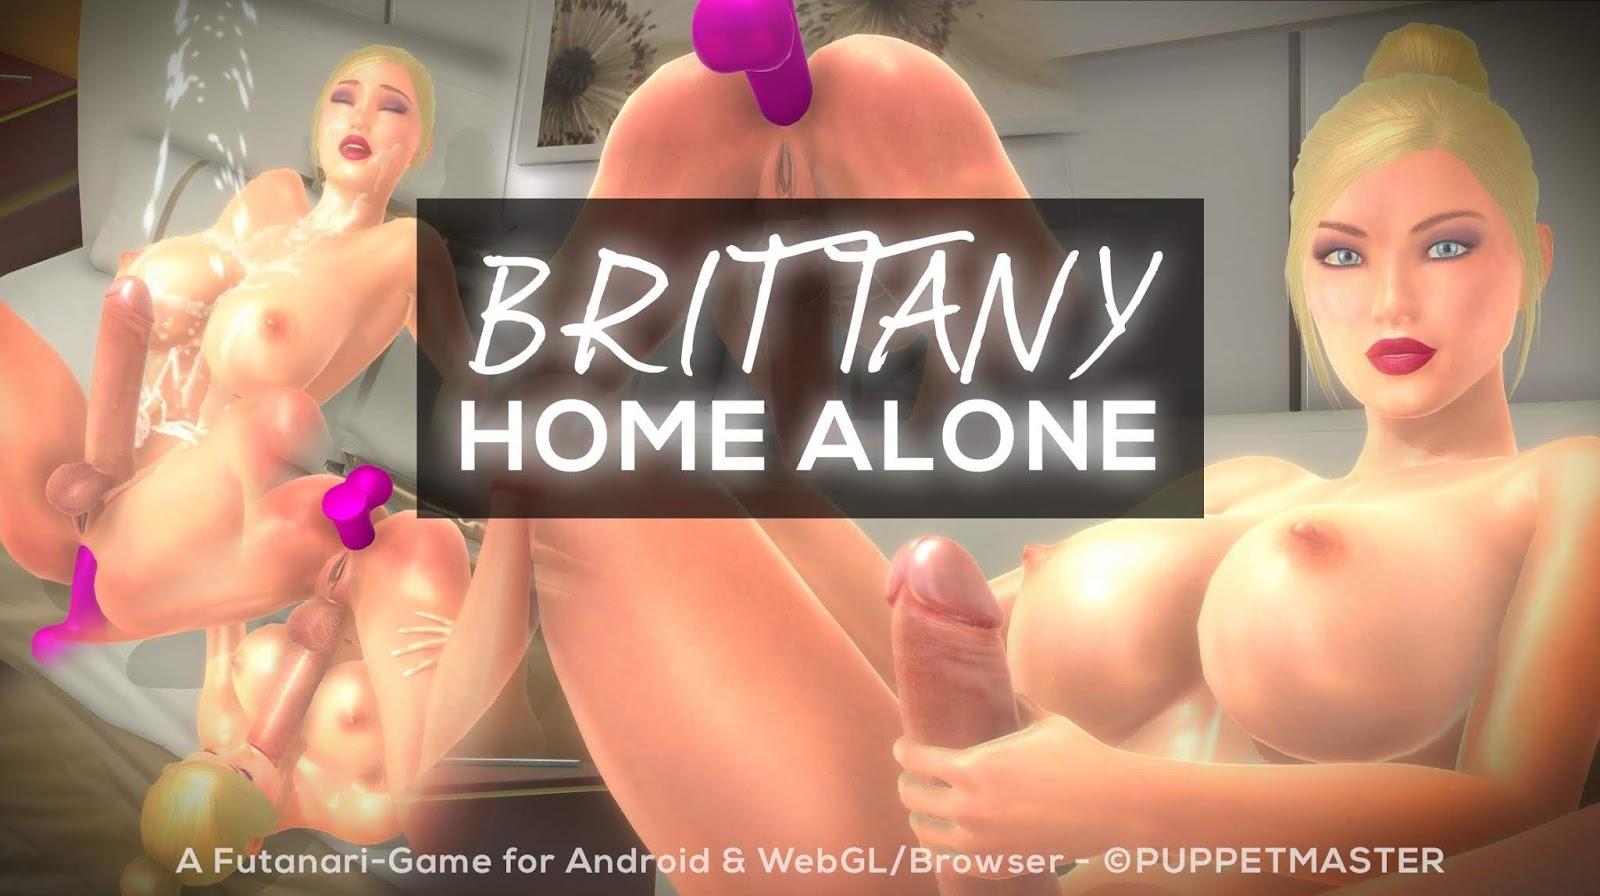 3D Girl Juego Porno Descargar porn art 3d: brittany home alone (puppet master) v10 apk